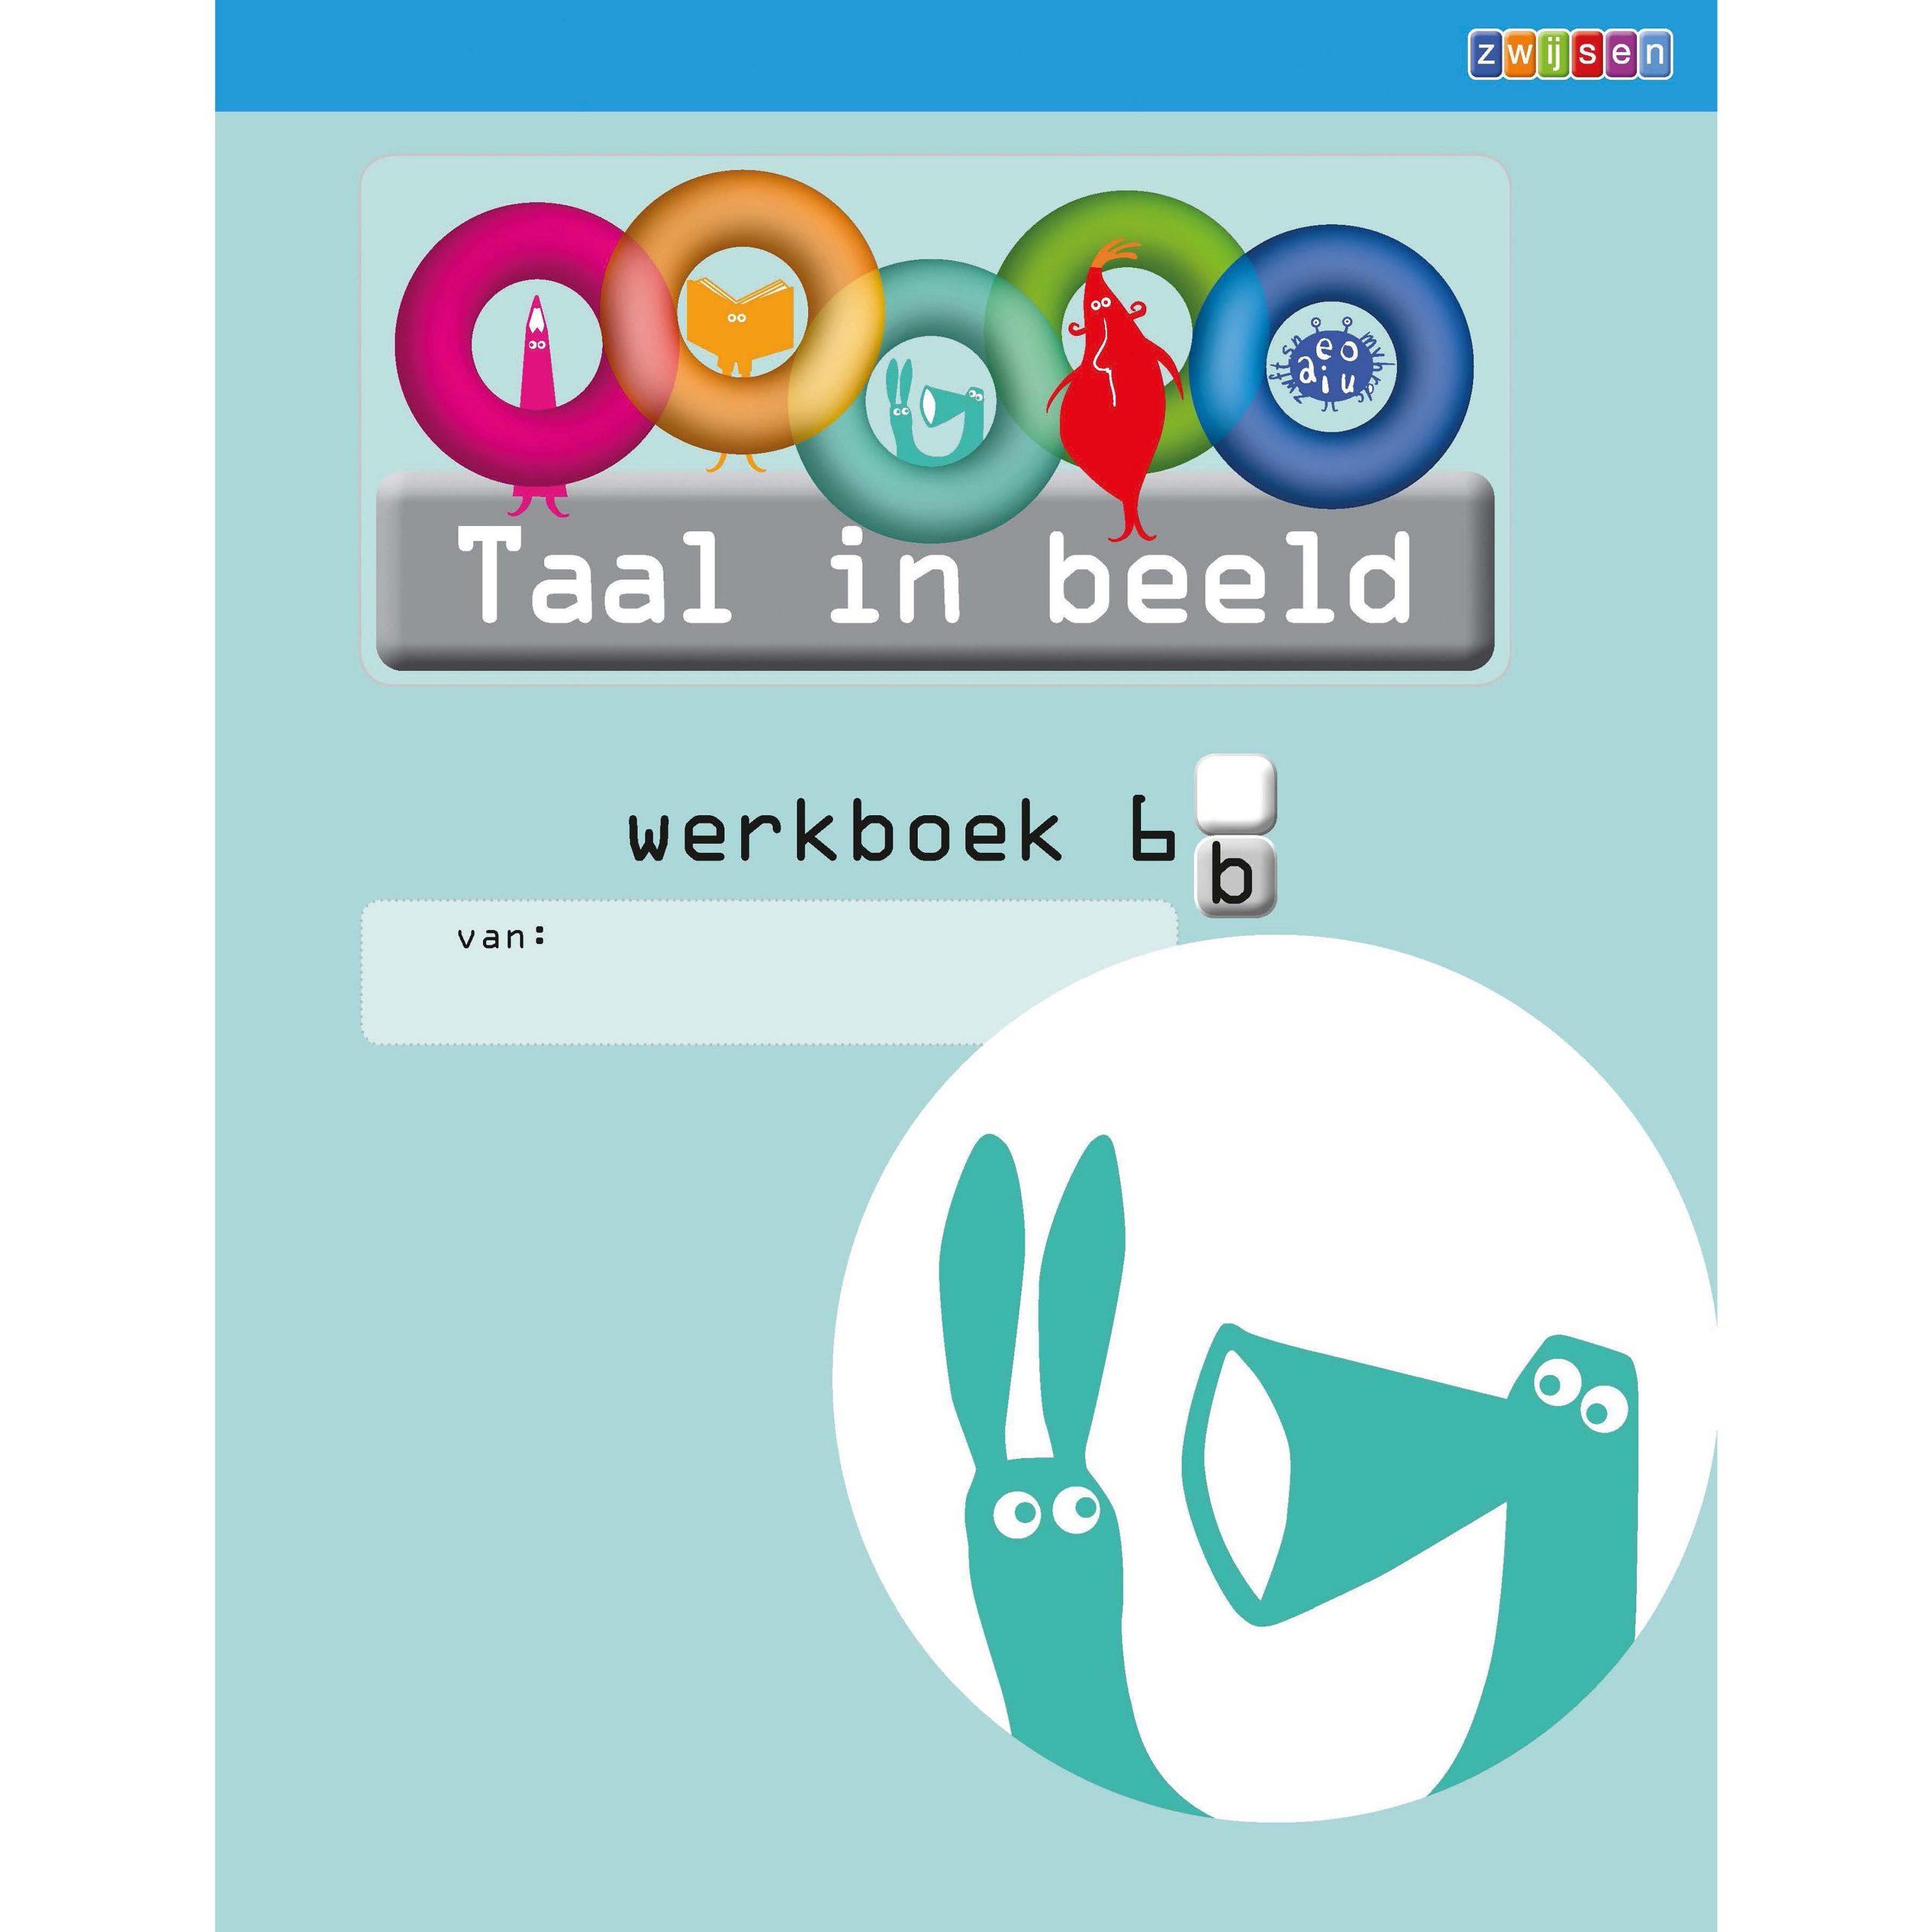 Taalwerkboek 6B, Taal in beeld